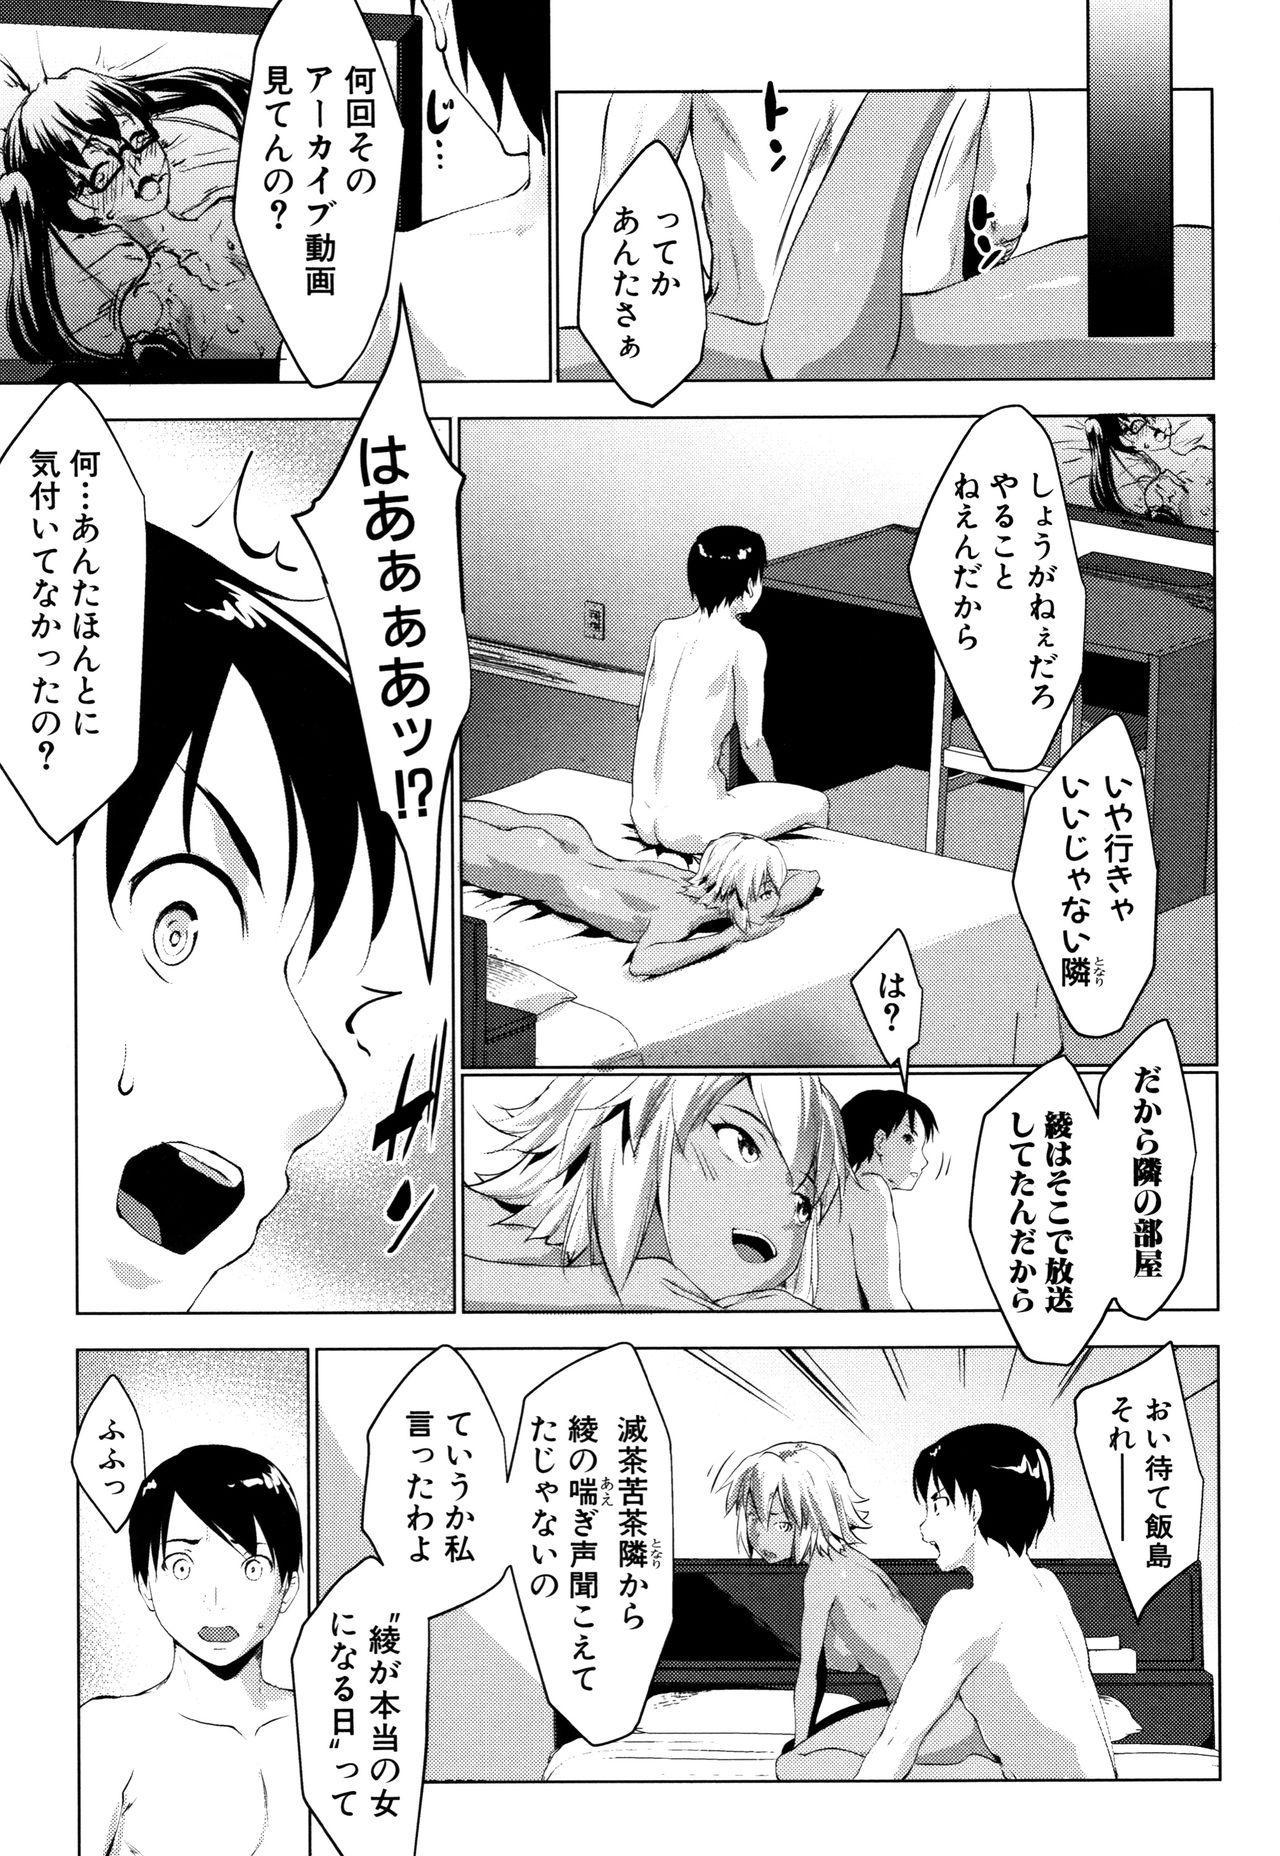 Hentai Seiso M Kanojo 149